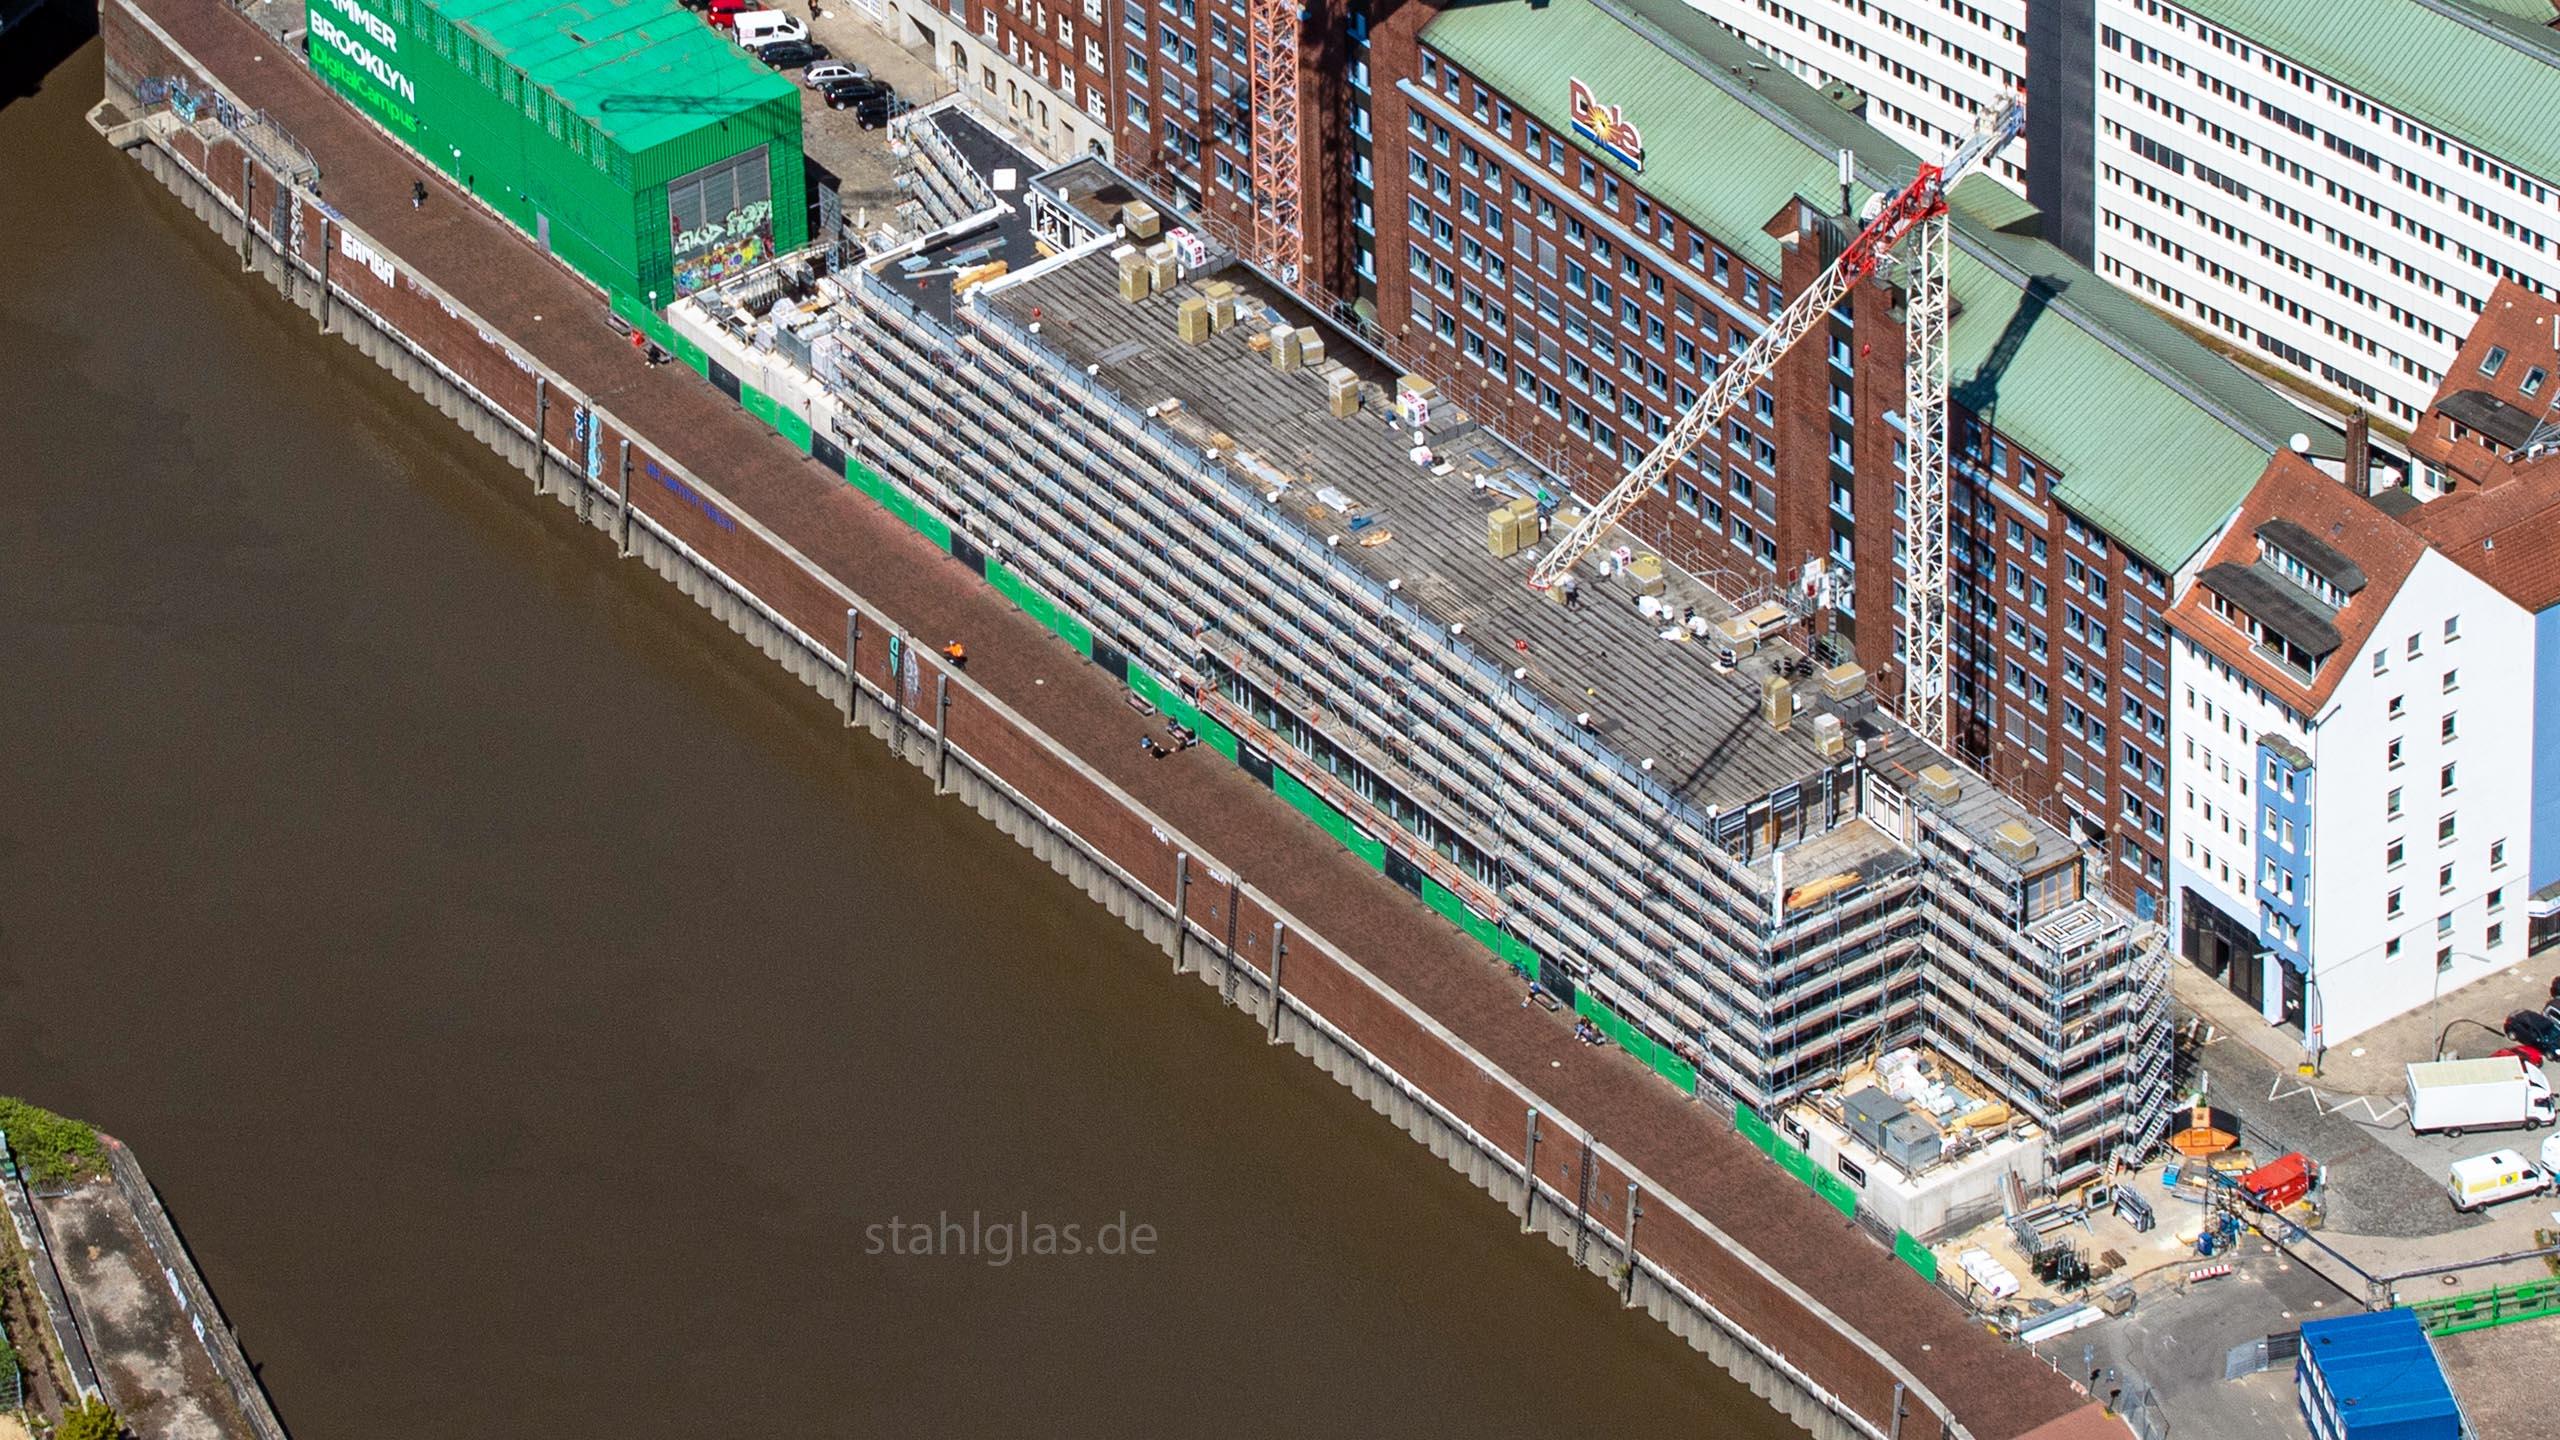 Luftaufnahme Hammerbrooklyn Digital Campus Hamburg, Stahlbau Lamparter